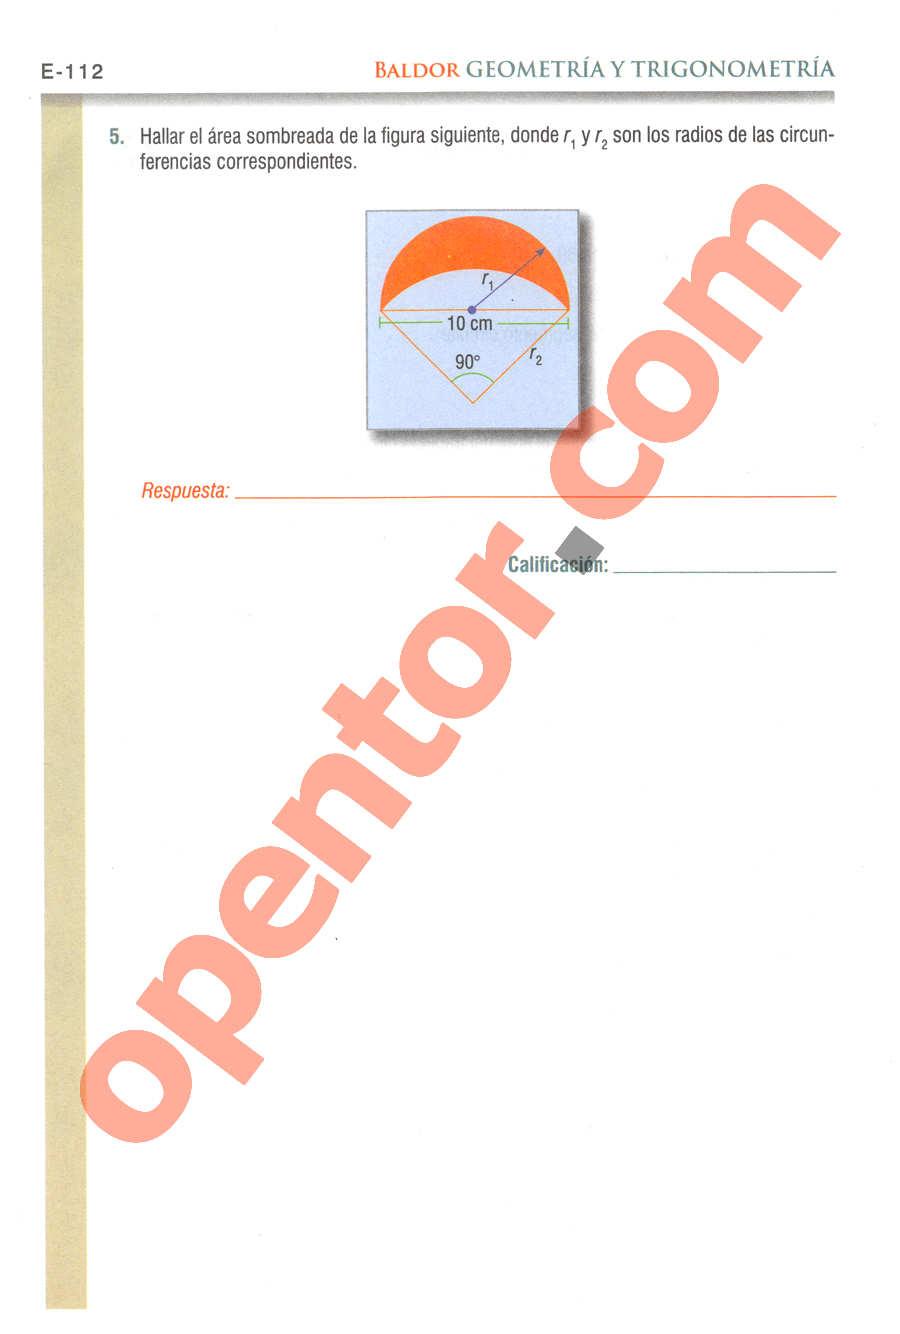 Geometría y Trigonometría de Baldor - Página E112